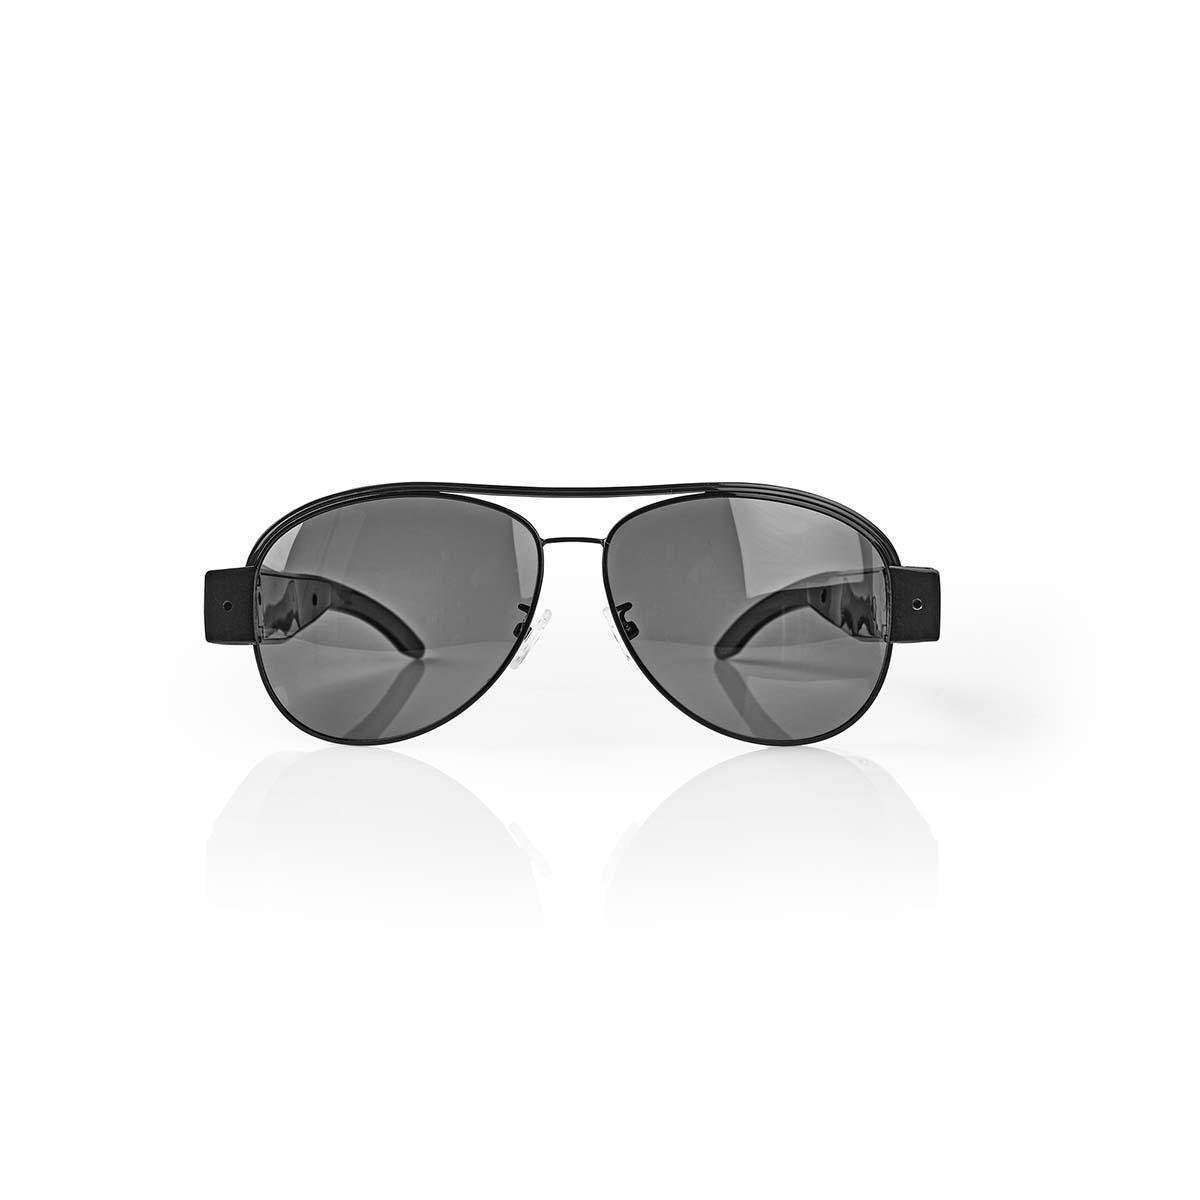 Occhiali da sole con fotocamera integrata | 1920x1080 video | 4032x3024 foto | Ricaricabile Indossa questi occhiali da sole con una fotocamera nascosta e scatta foto discrete. Gli occhiali da sole non sono ideali solo come spycam, ma possono anche essere